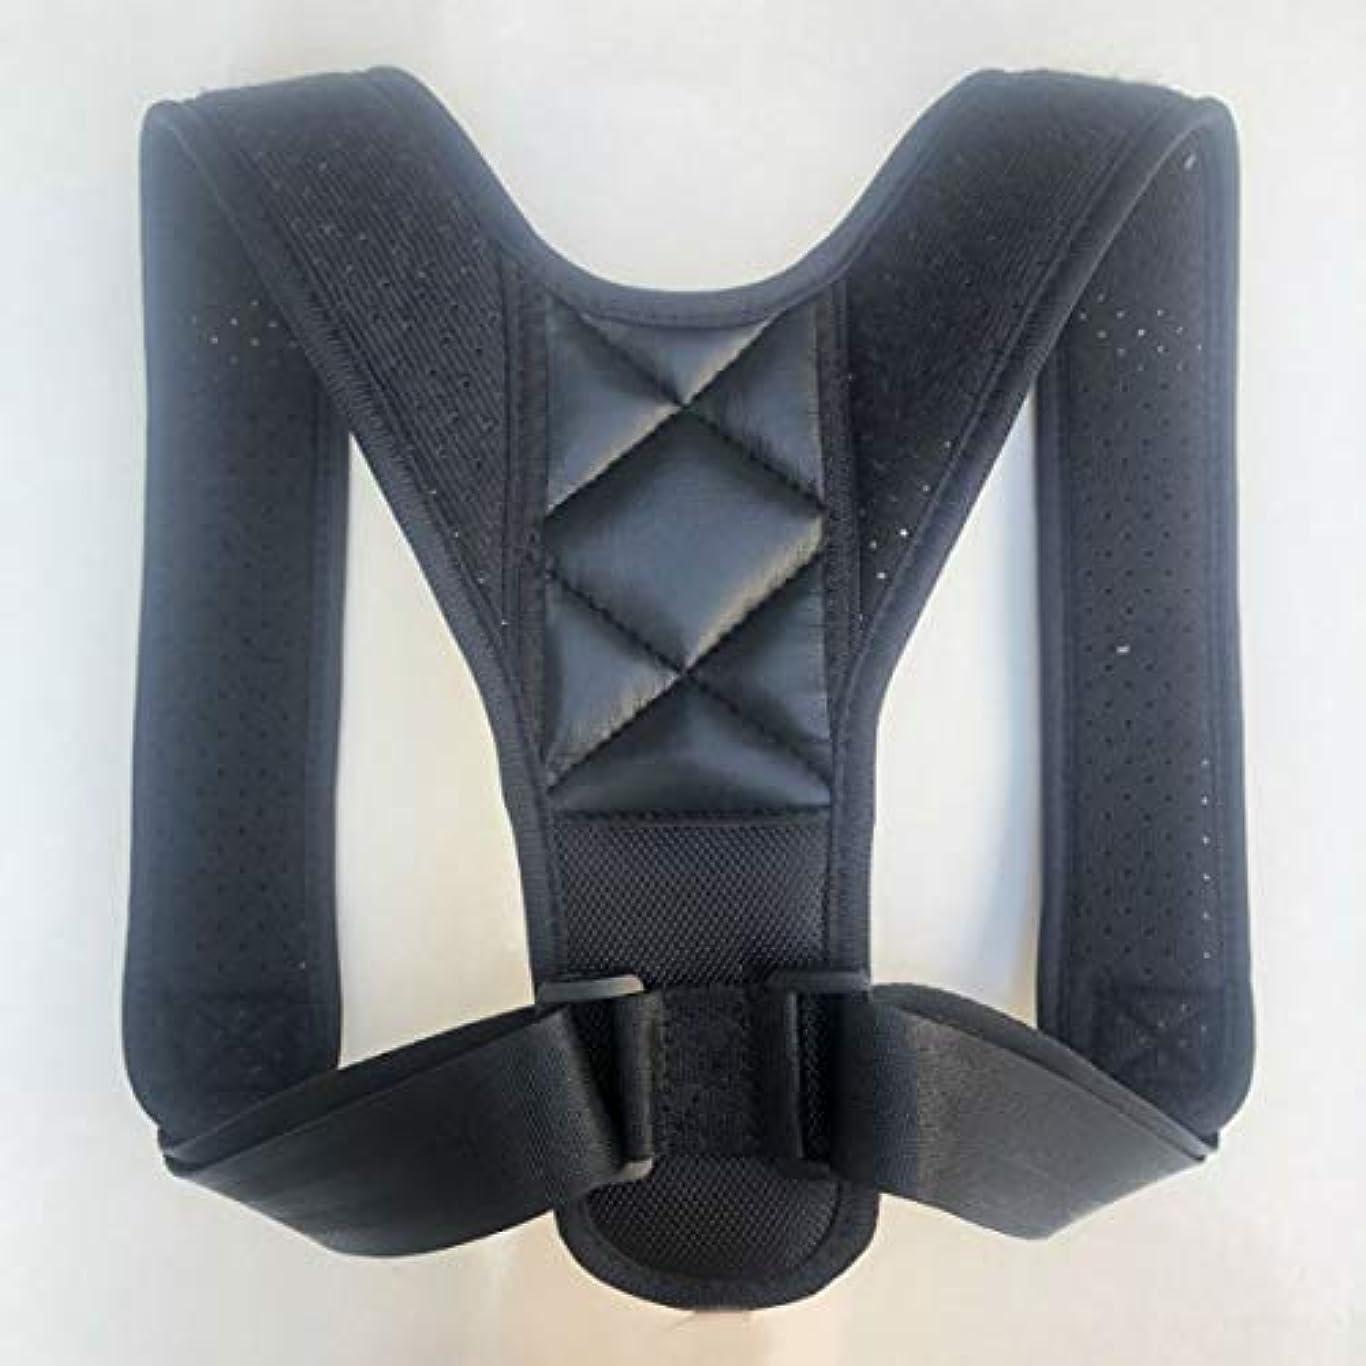 ブースト電報読書アッパーバックポスチャーコレクター姿勢鎖骨サポートコレクターバックストレートショルダーブレースストラップコレクター - ブラック